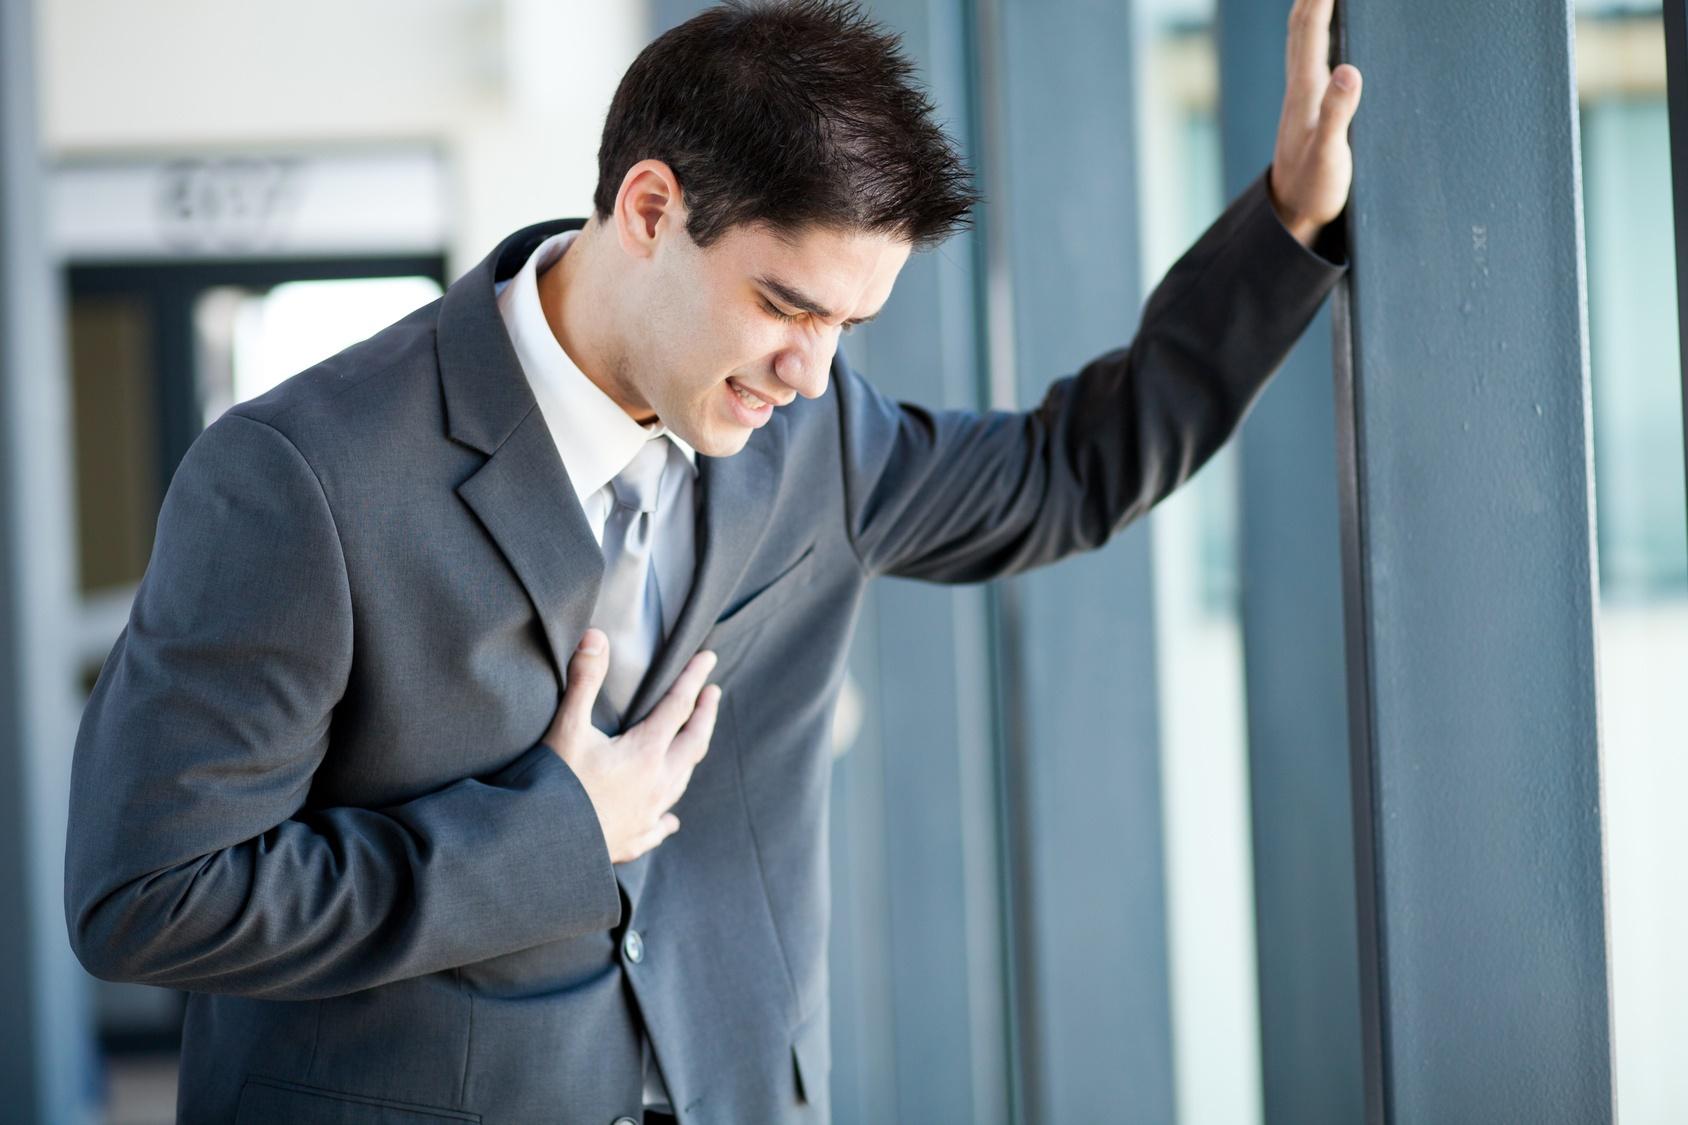 Kalp Hastalığı ve Panik Atak Nasıl Ayırt Edilir?